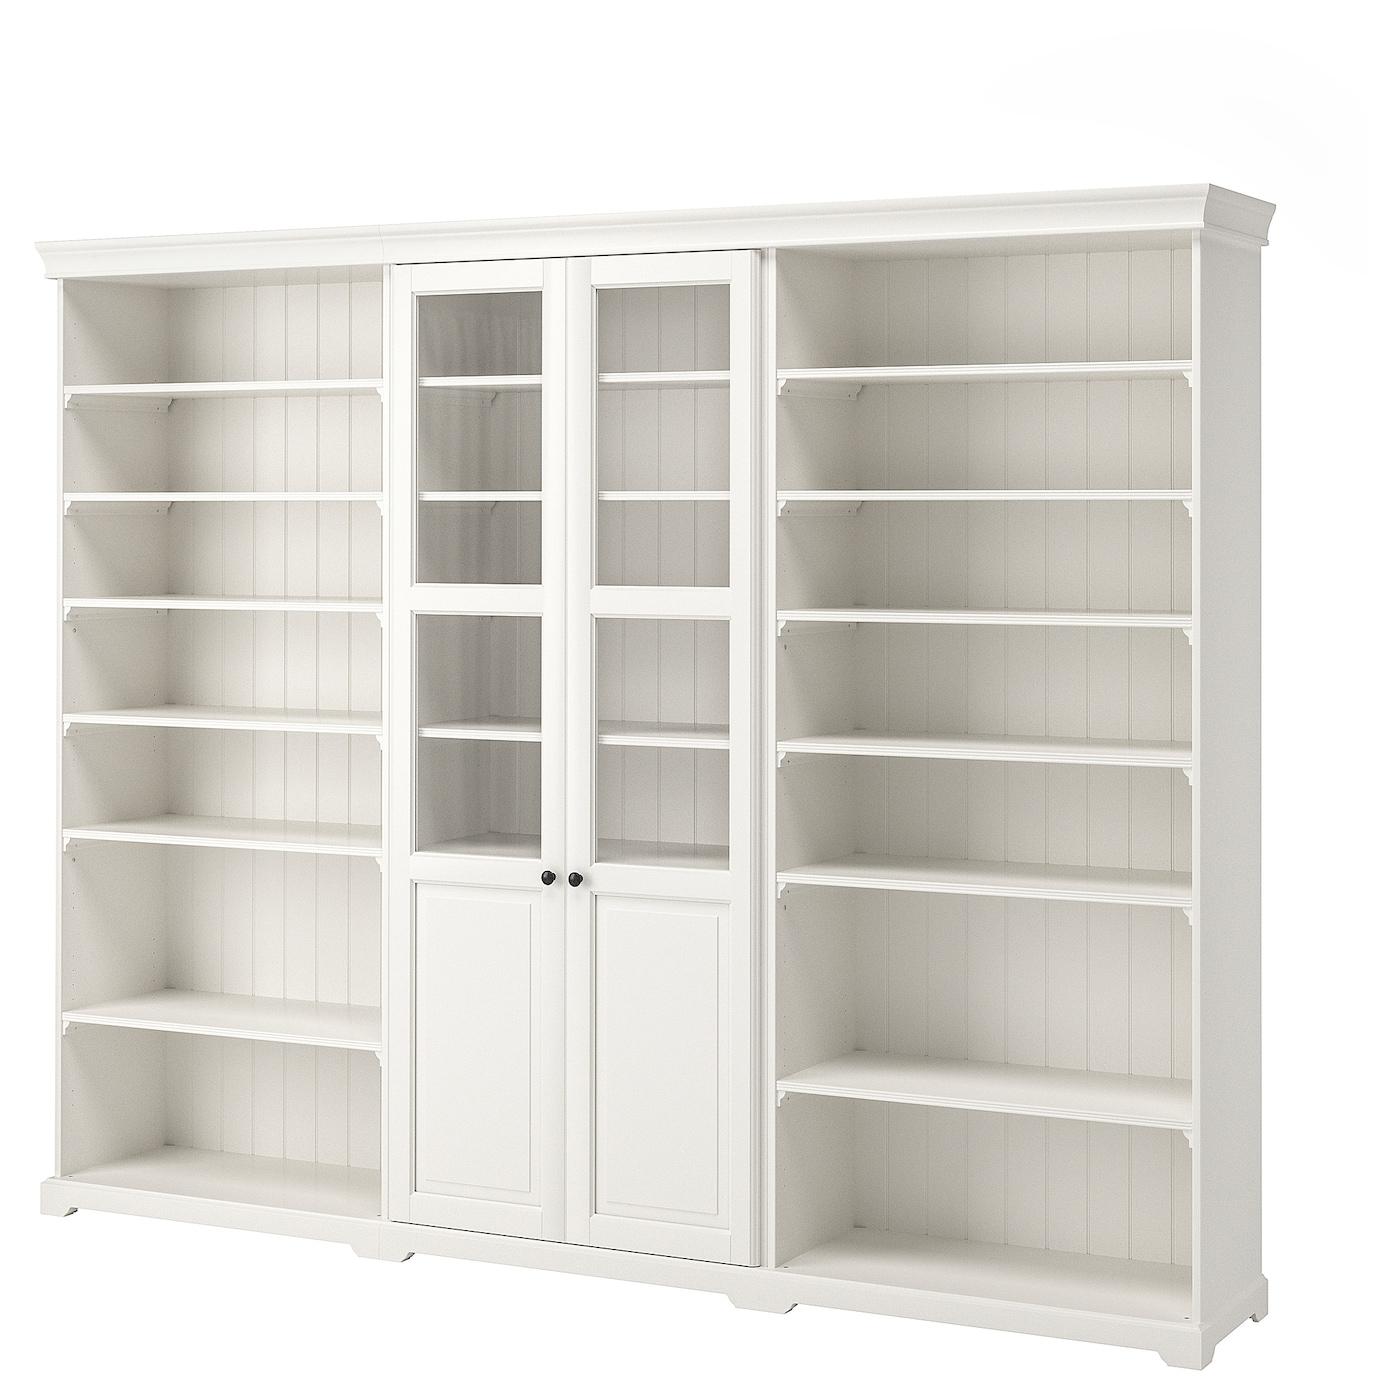 Storage Combination Liatorp White